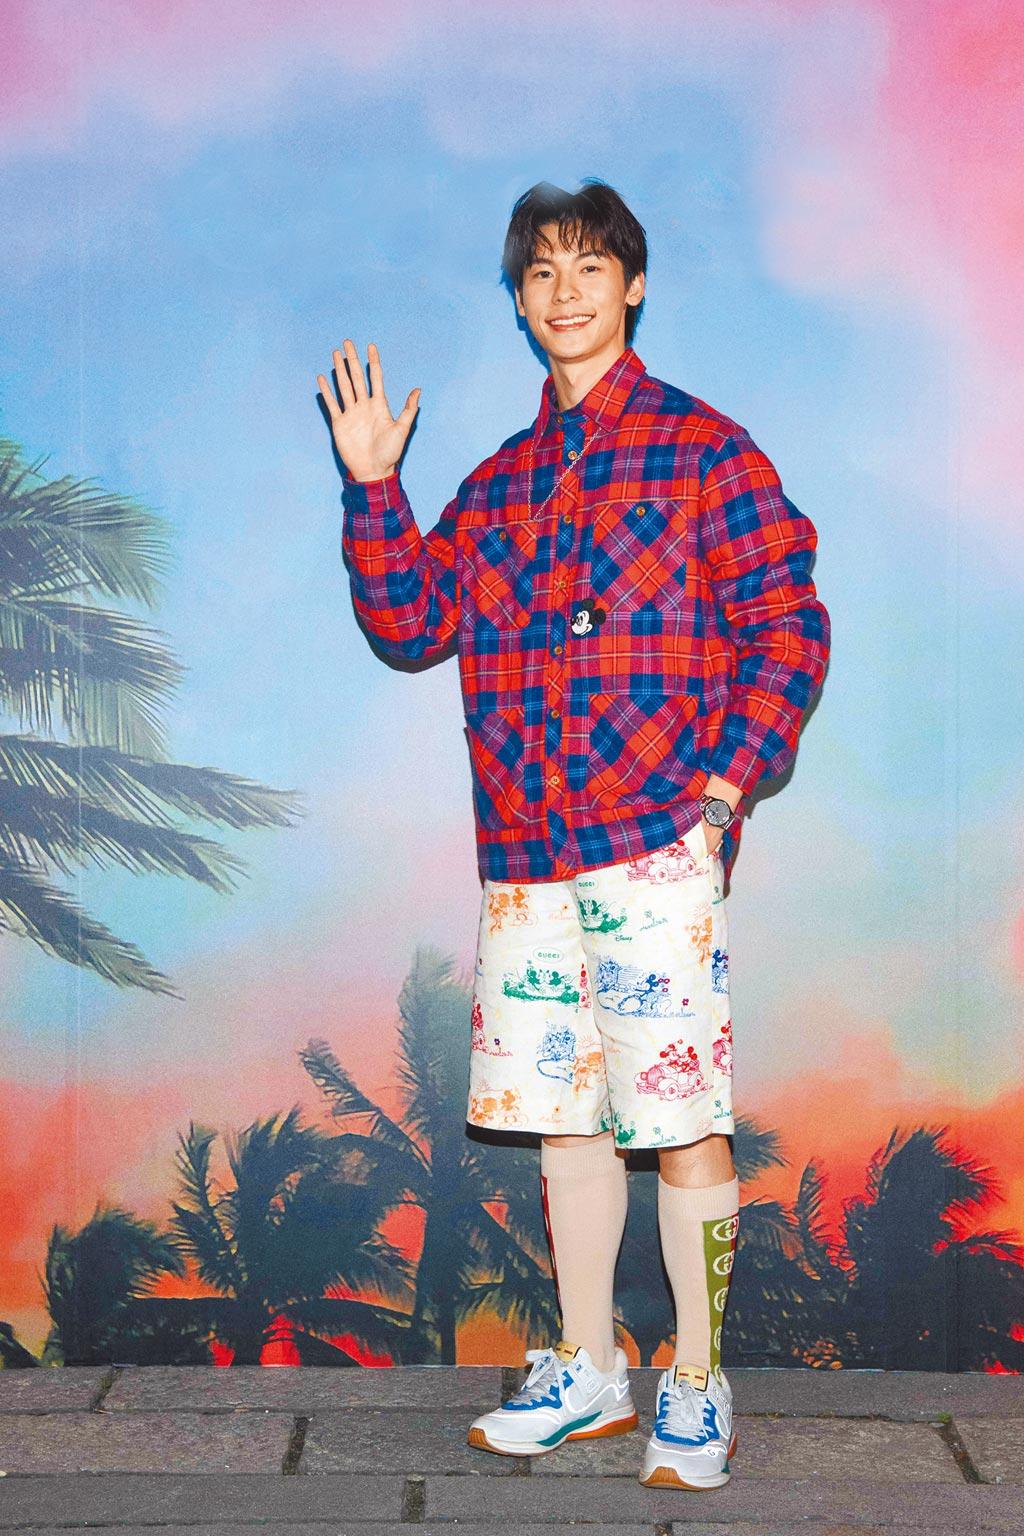 許光漢覺得身上的襯衫外套很實搭,一年四季都可穿。紅藍格紋棉衫6萬1000元,米奇印花短褲3萬7500元,Ultrapace系列運動鞋2萬8700元。(GUCCI提供)